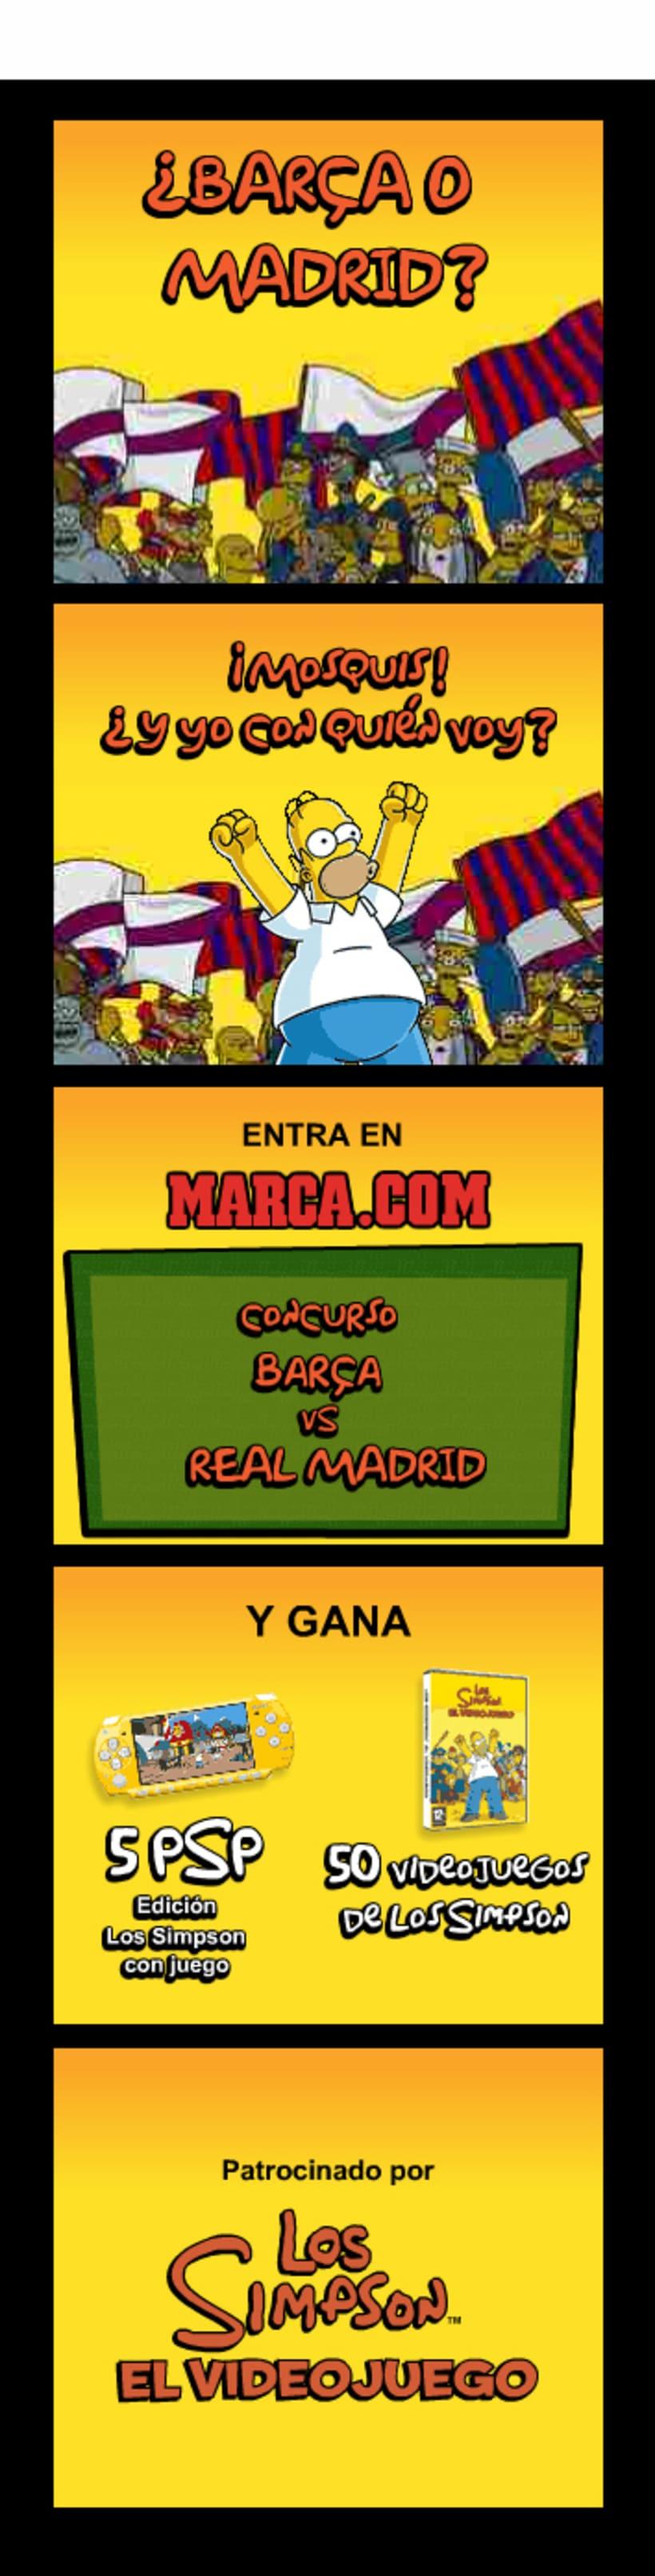 MARCA.com 8